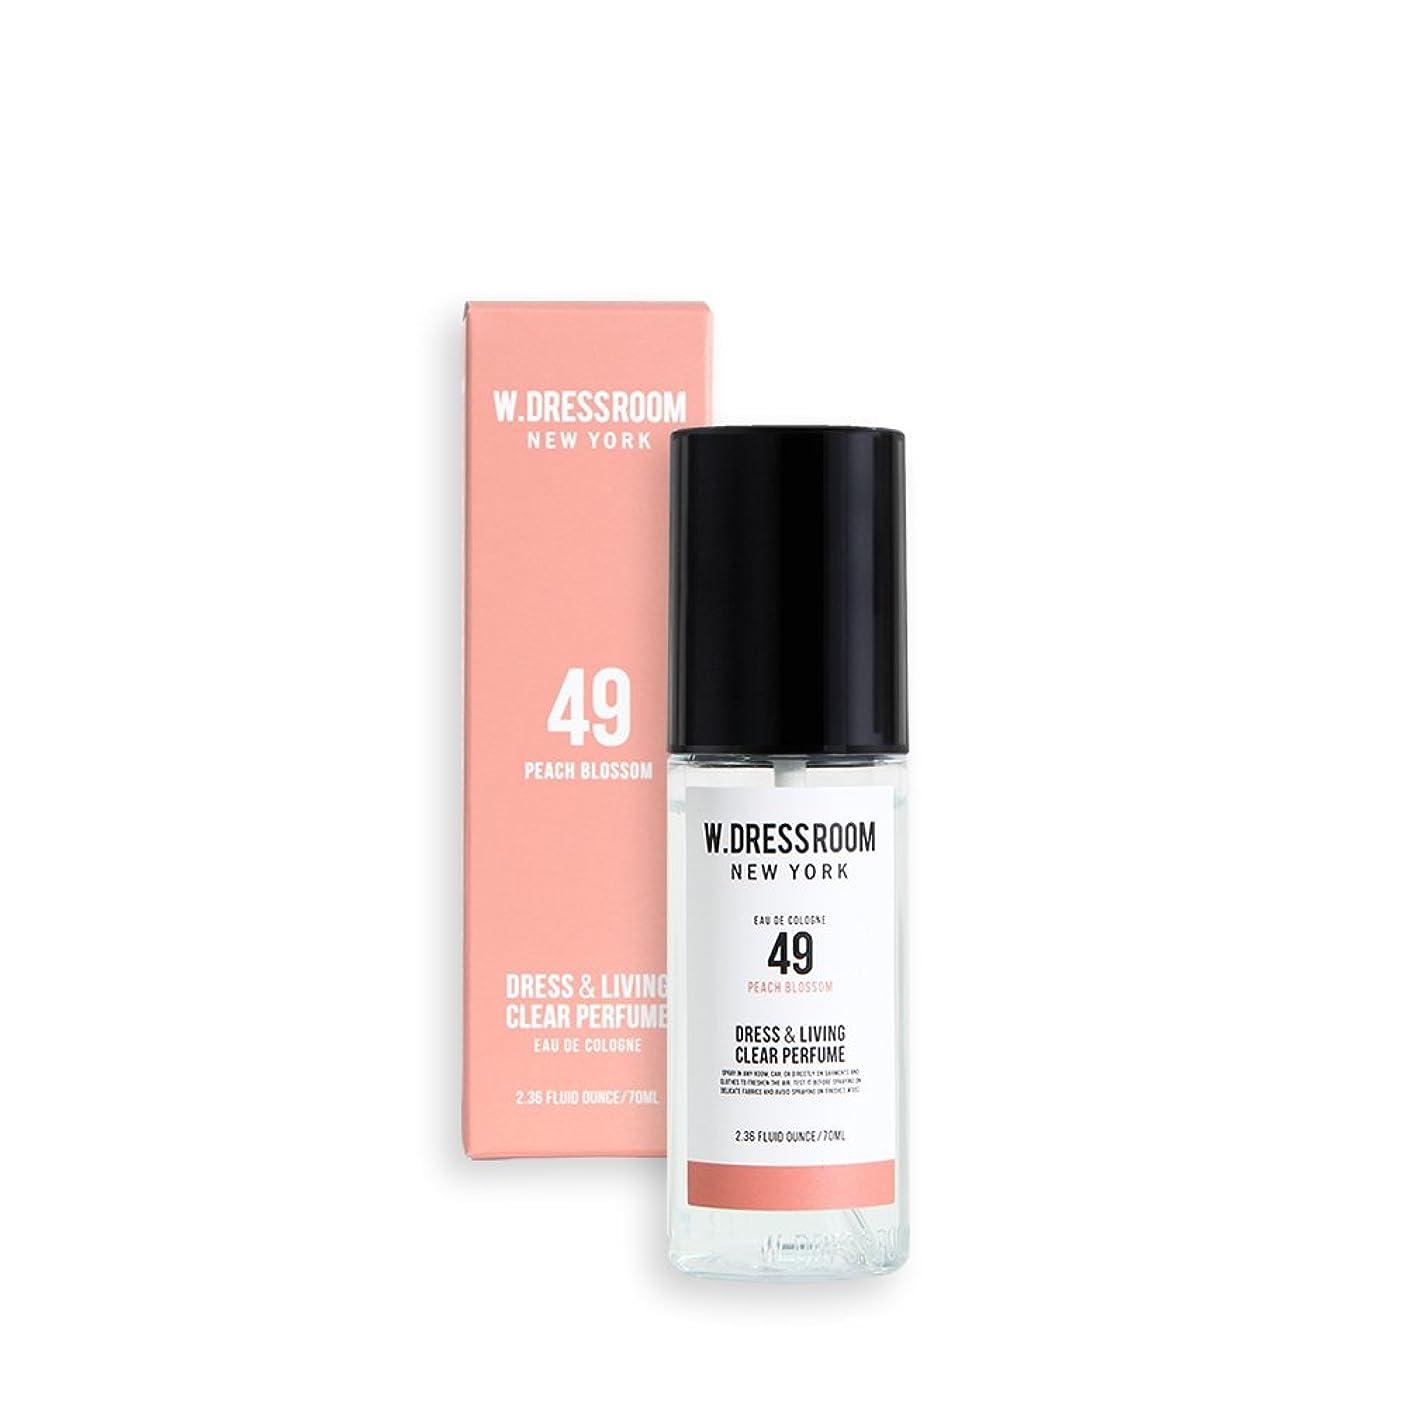 倫理的マトンカフェテリアW.DRESSROOM Dress & Living Clear Perfume 70ml (#No.49 Peach Blossom)/ダブルドレスルーム ドレス&リビング クリア パフューム 70ml (#No.49 Peach Blossom) [並行輸入品]